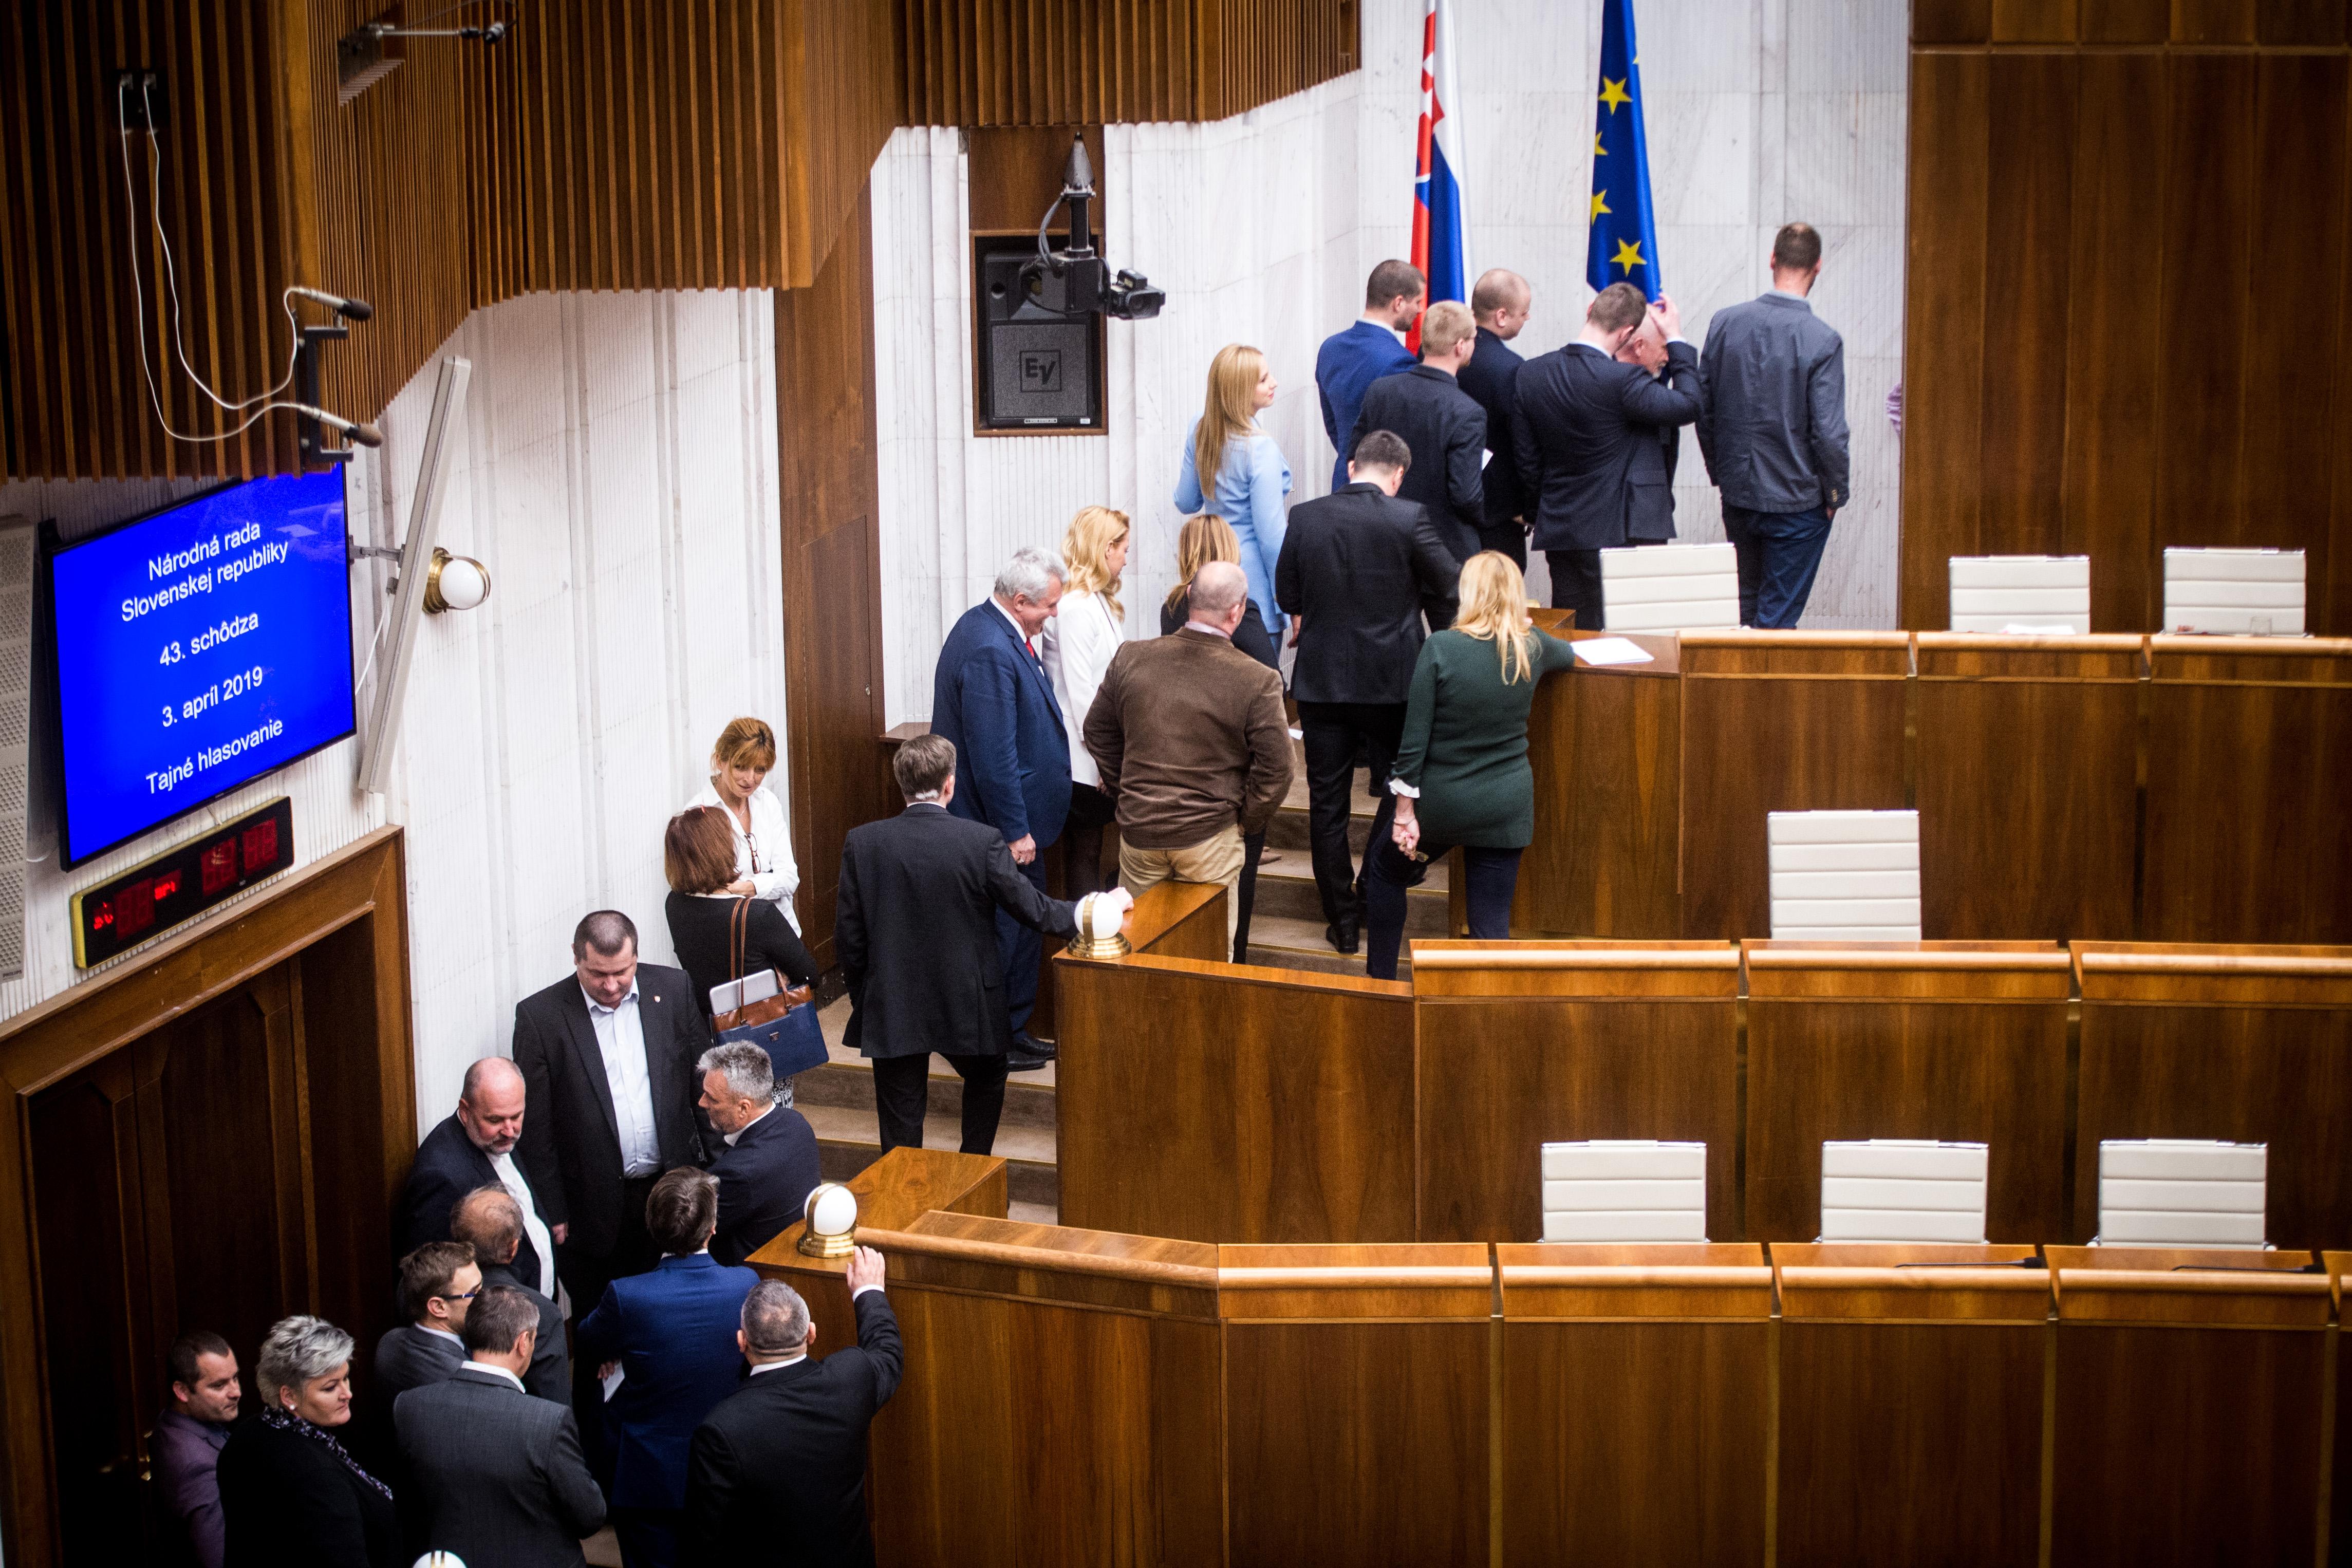 Tentokrát sa volilo tajne. foto N - Vladimír Šimíček